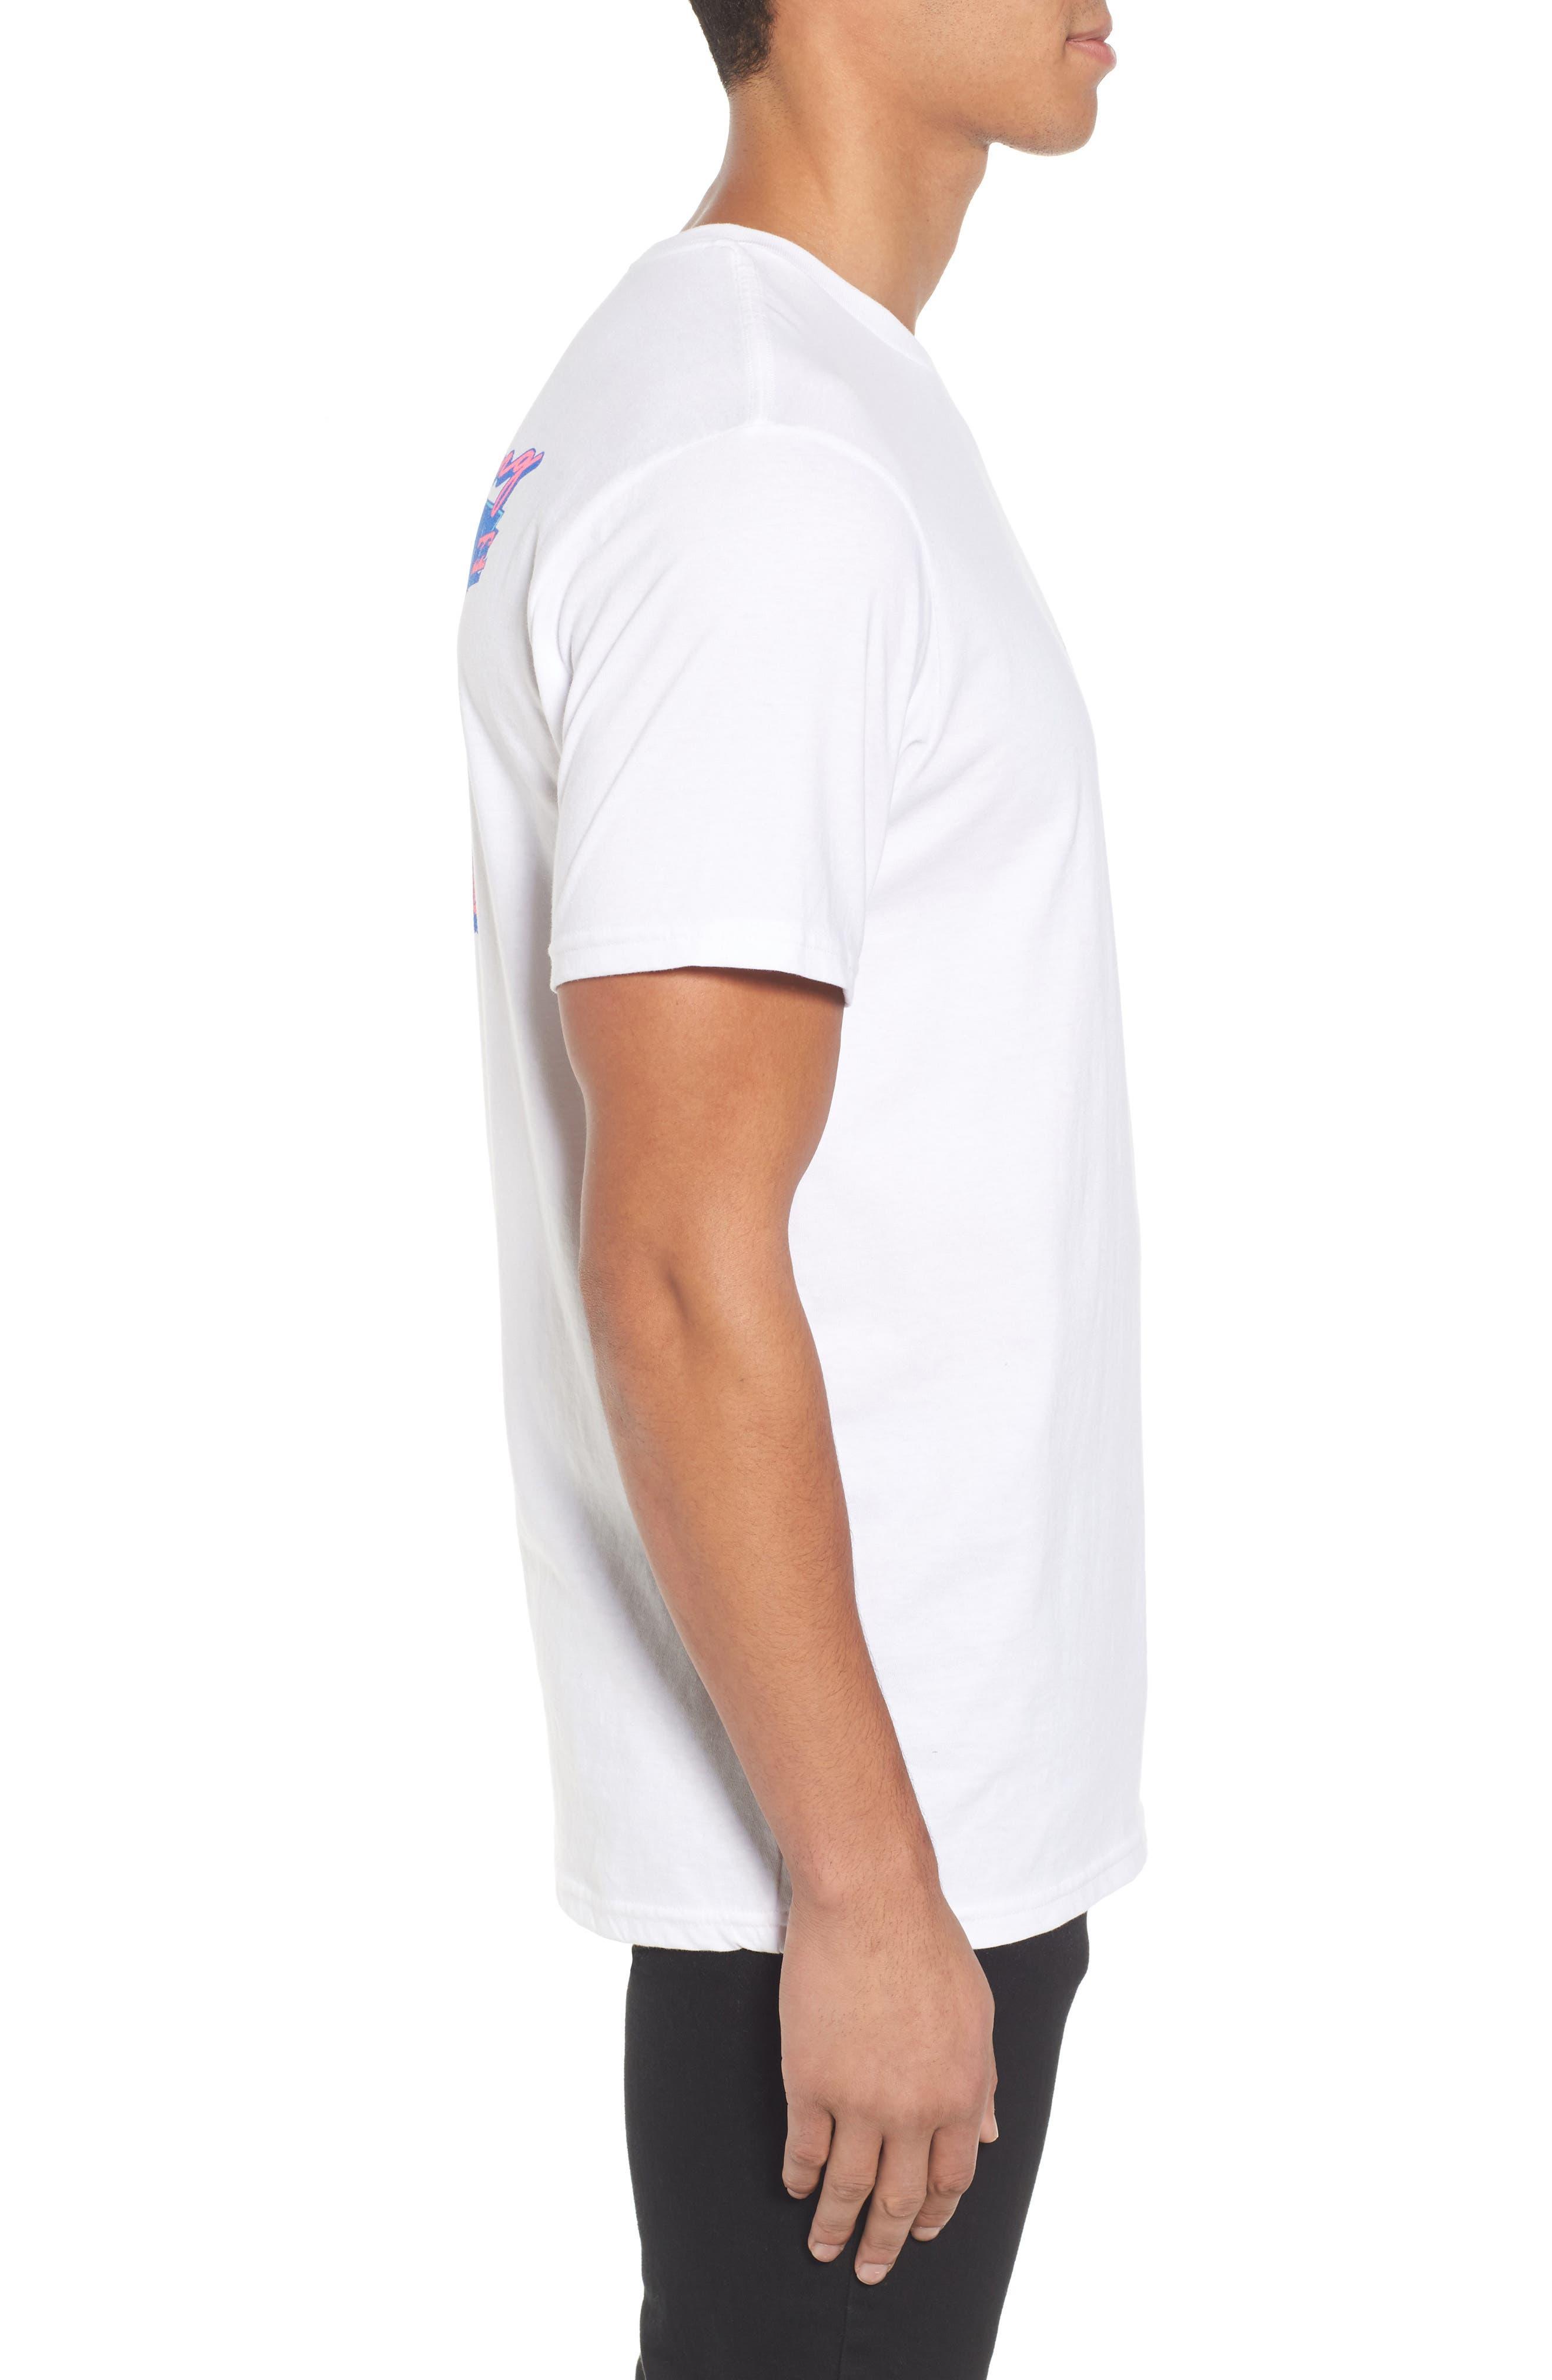 Pigdog T-Shirt,                             Alternate thumbnail 3, color,                             White